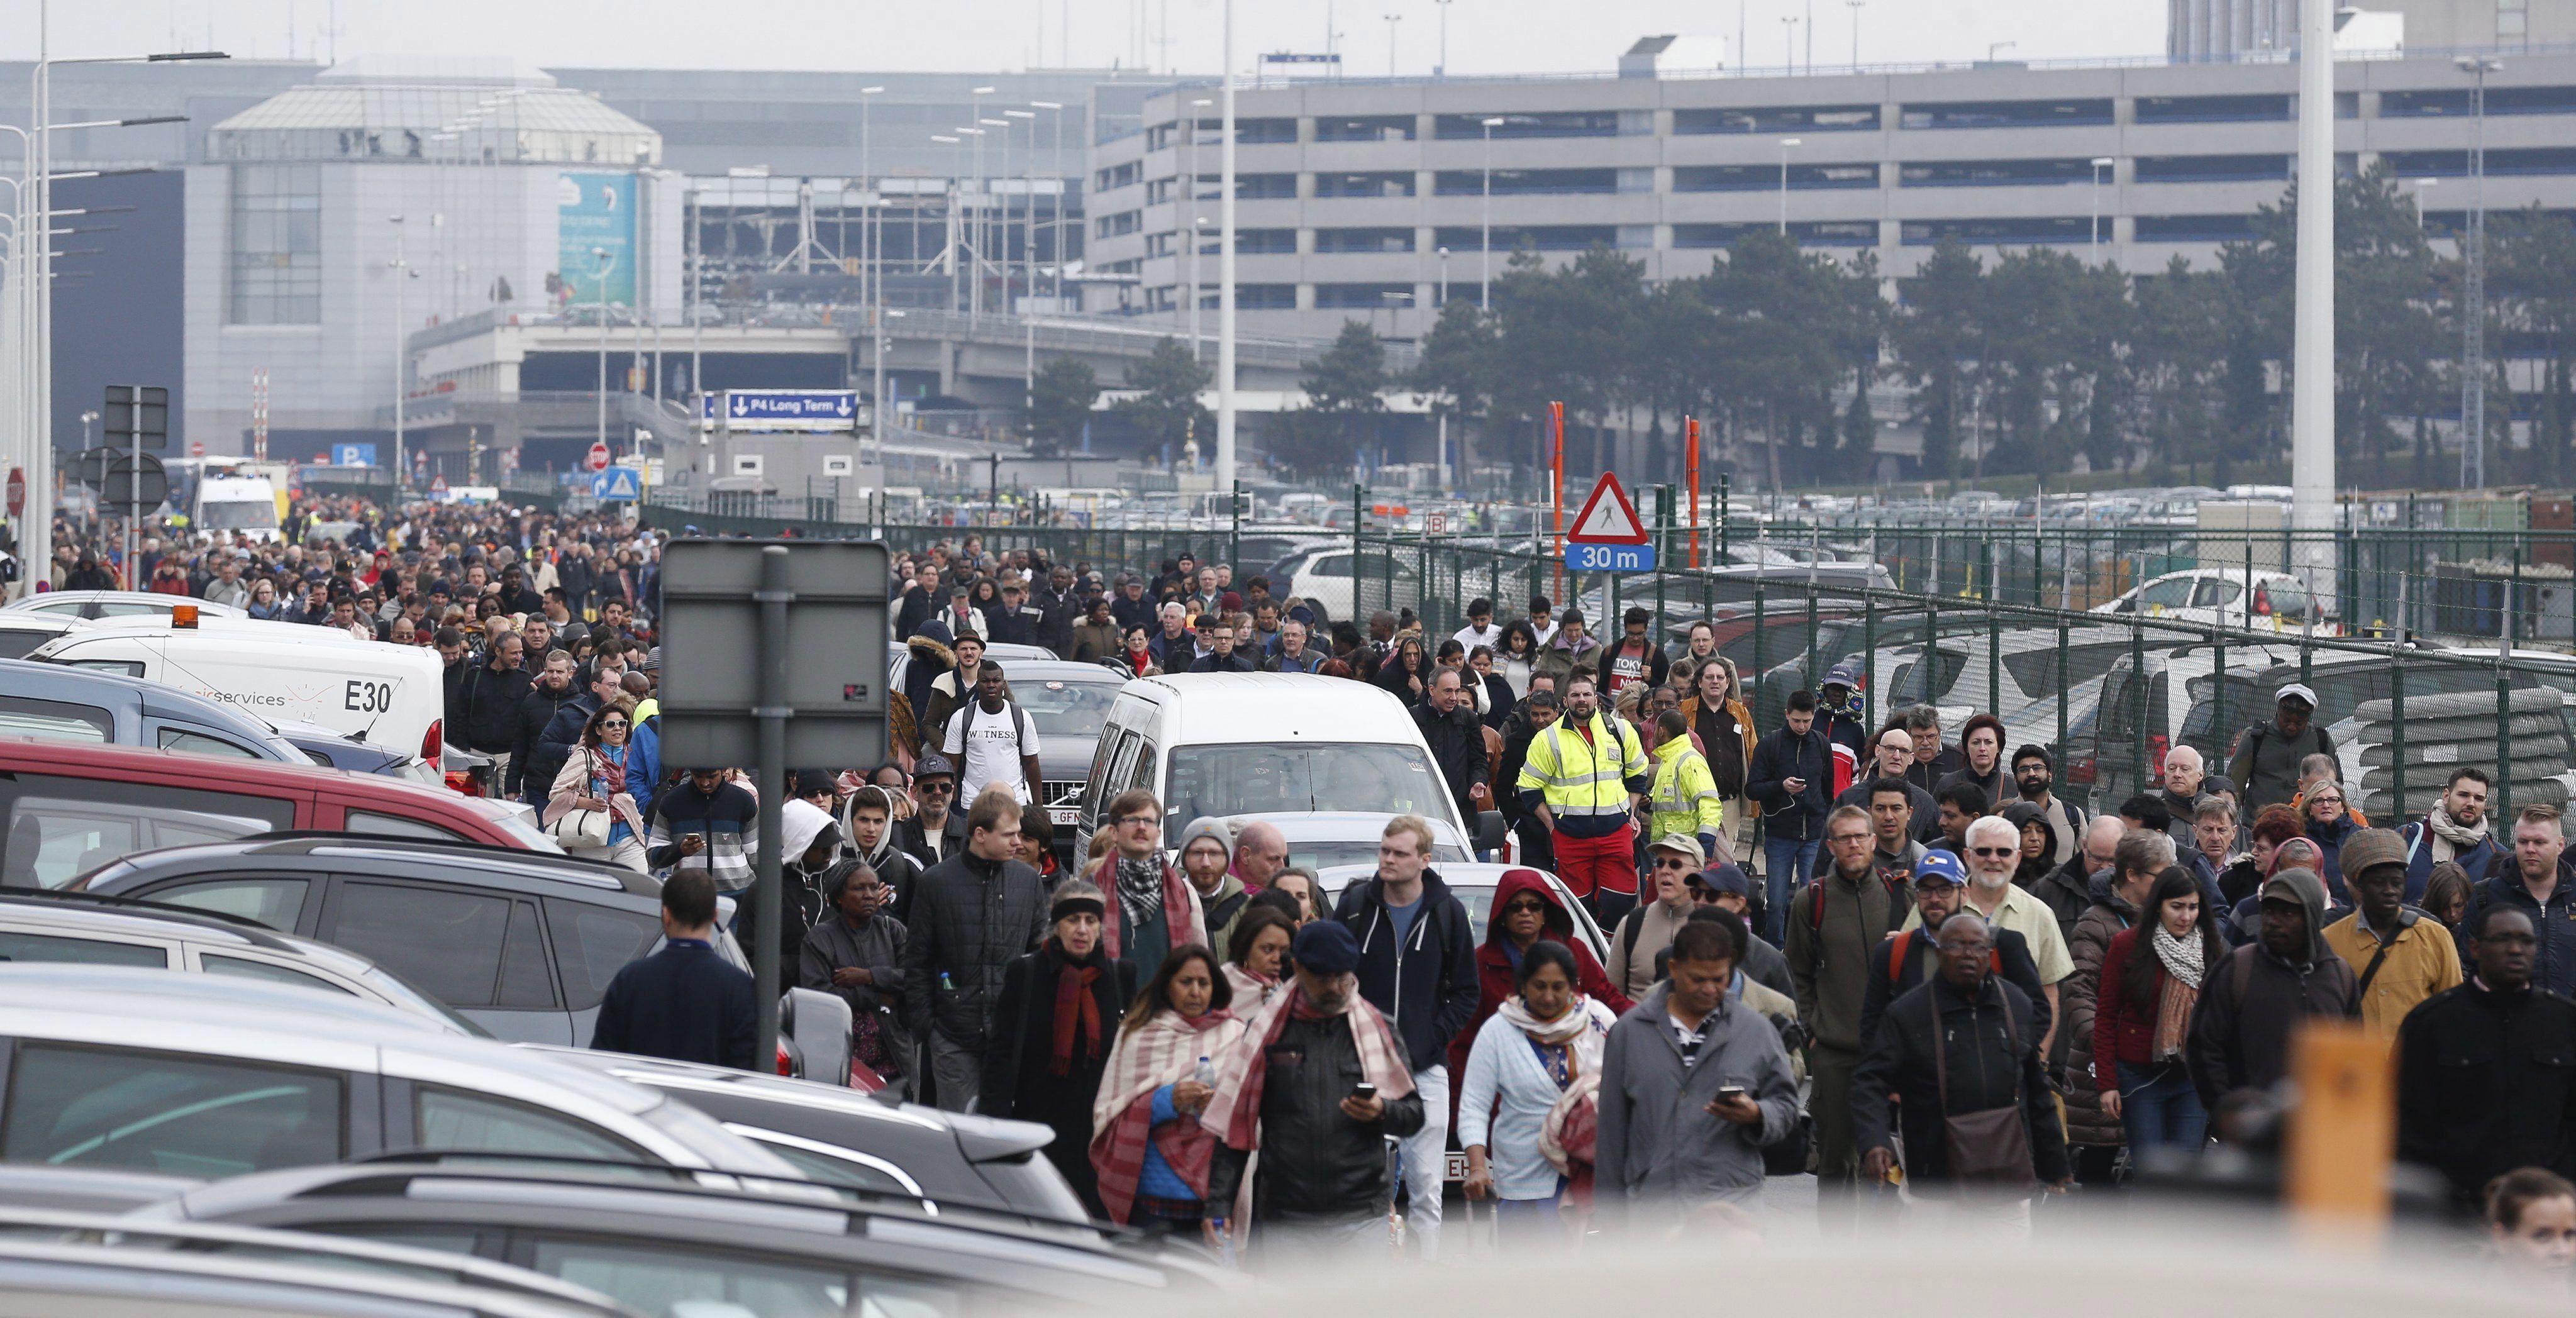 Las tres explosiones en cadena de Bruselas fueron atentados terroristas